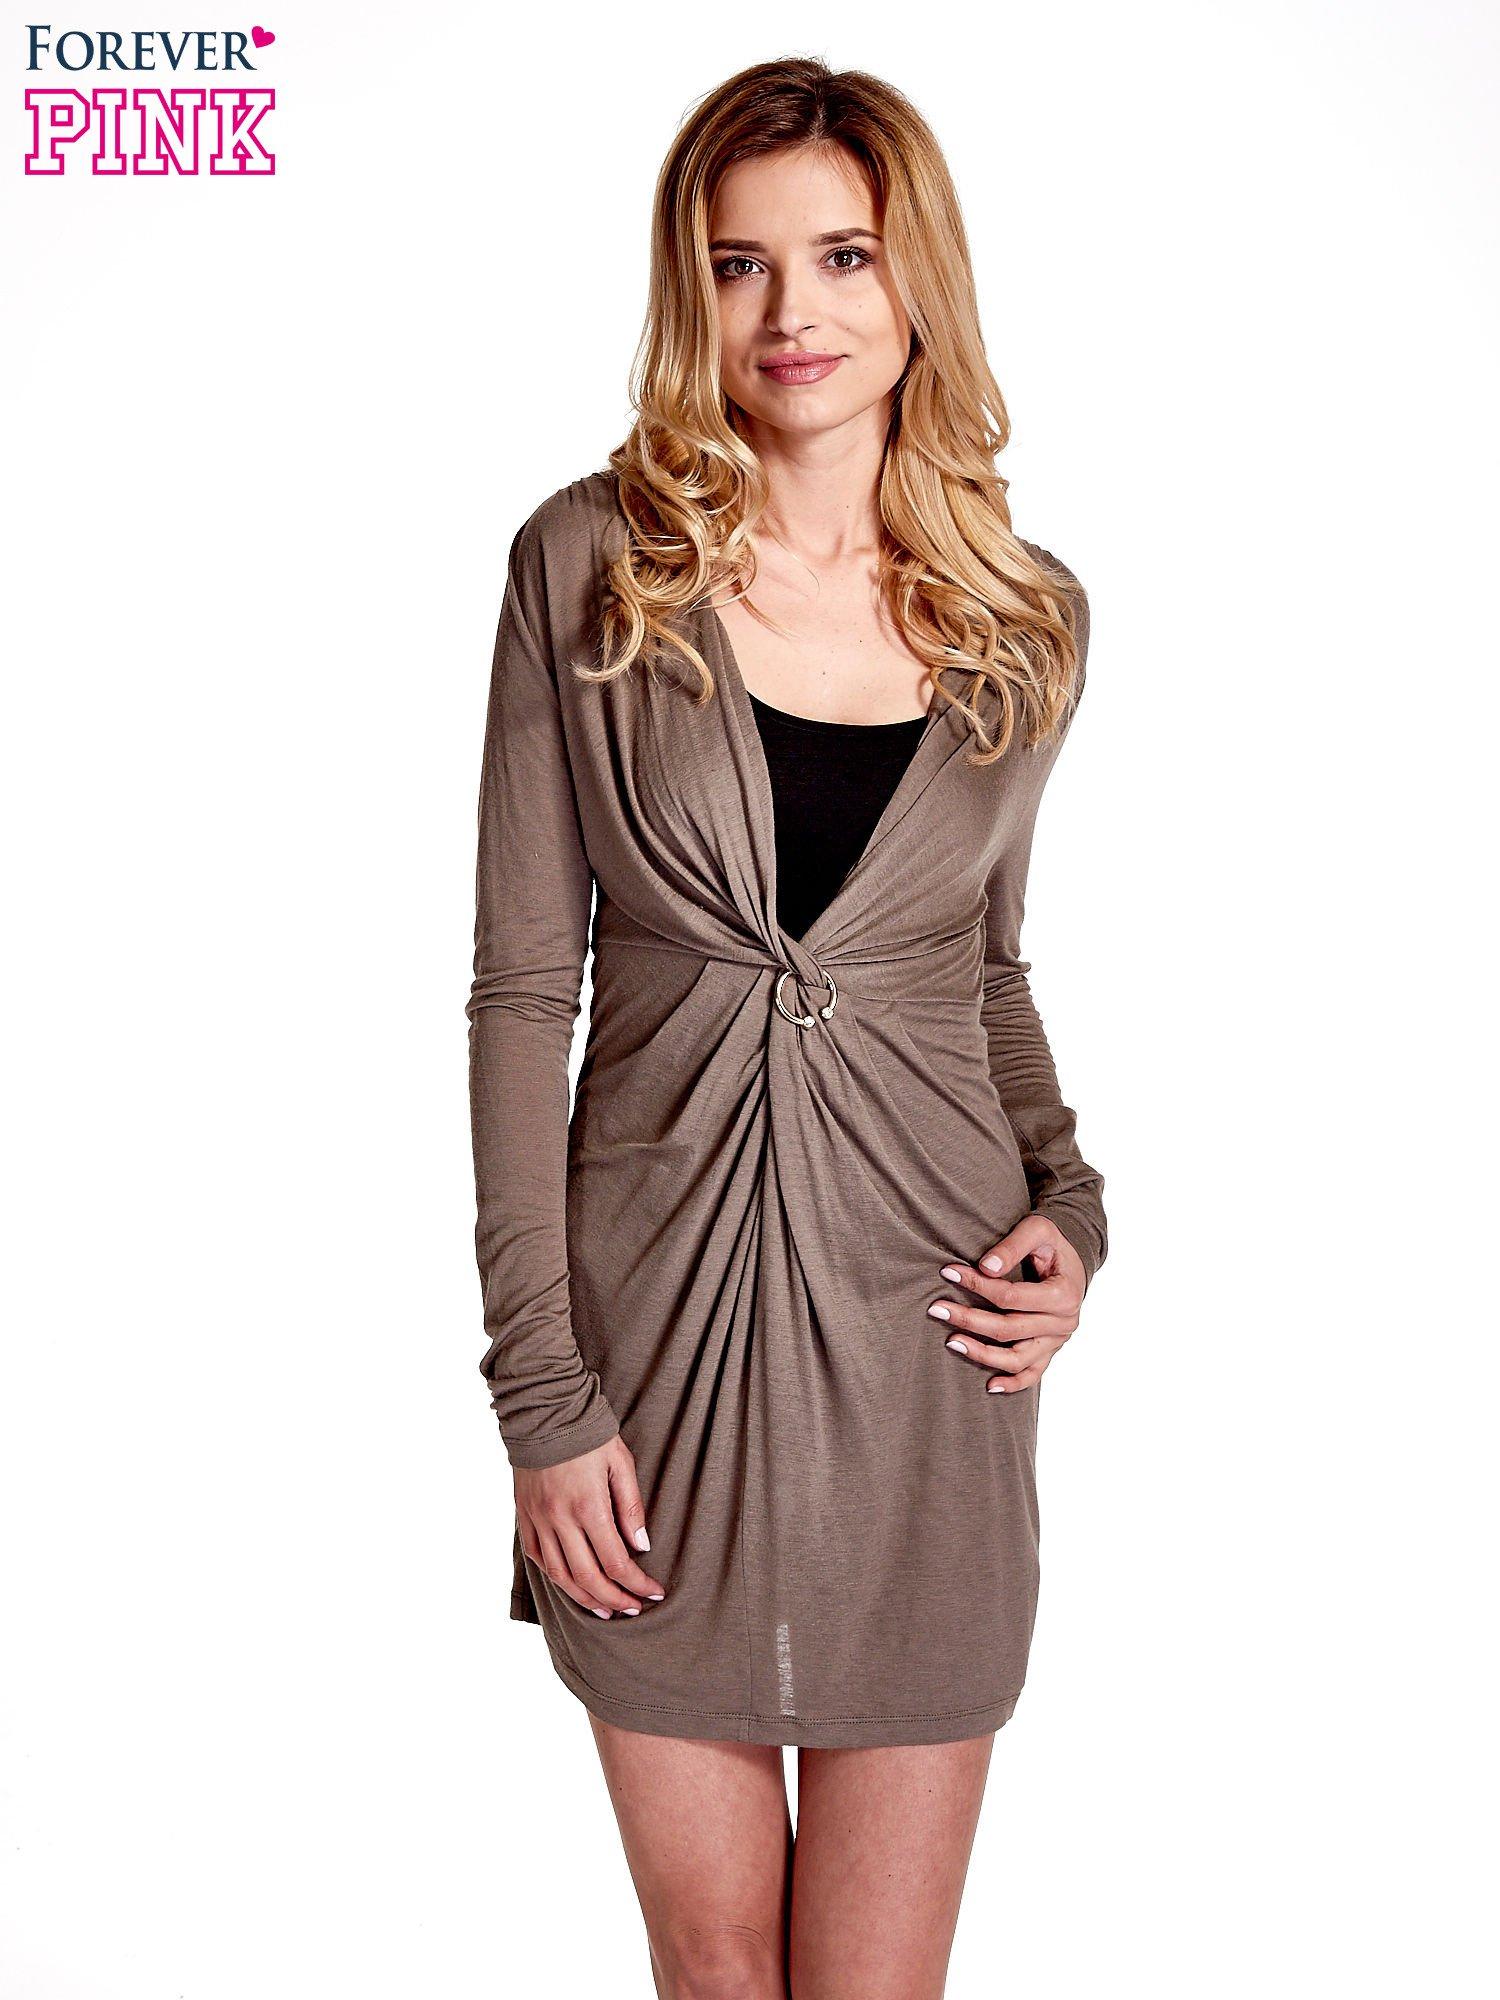 Brązowa drapowana sukienka                                   zdj.                                  1